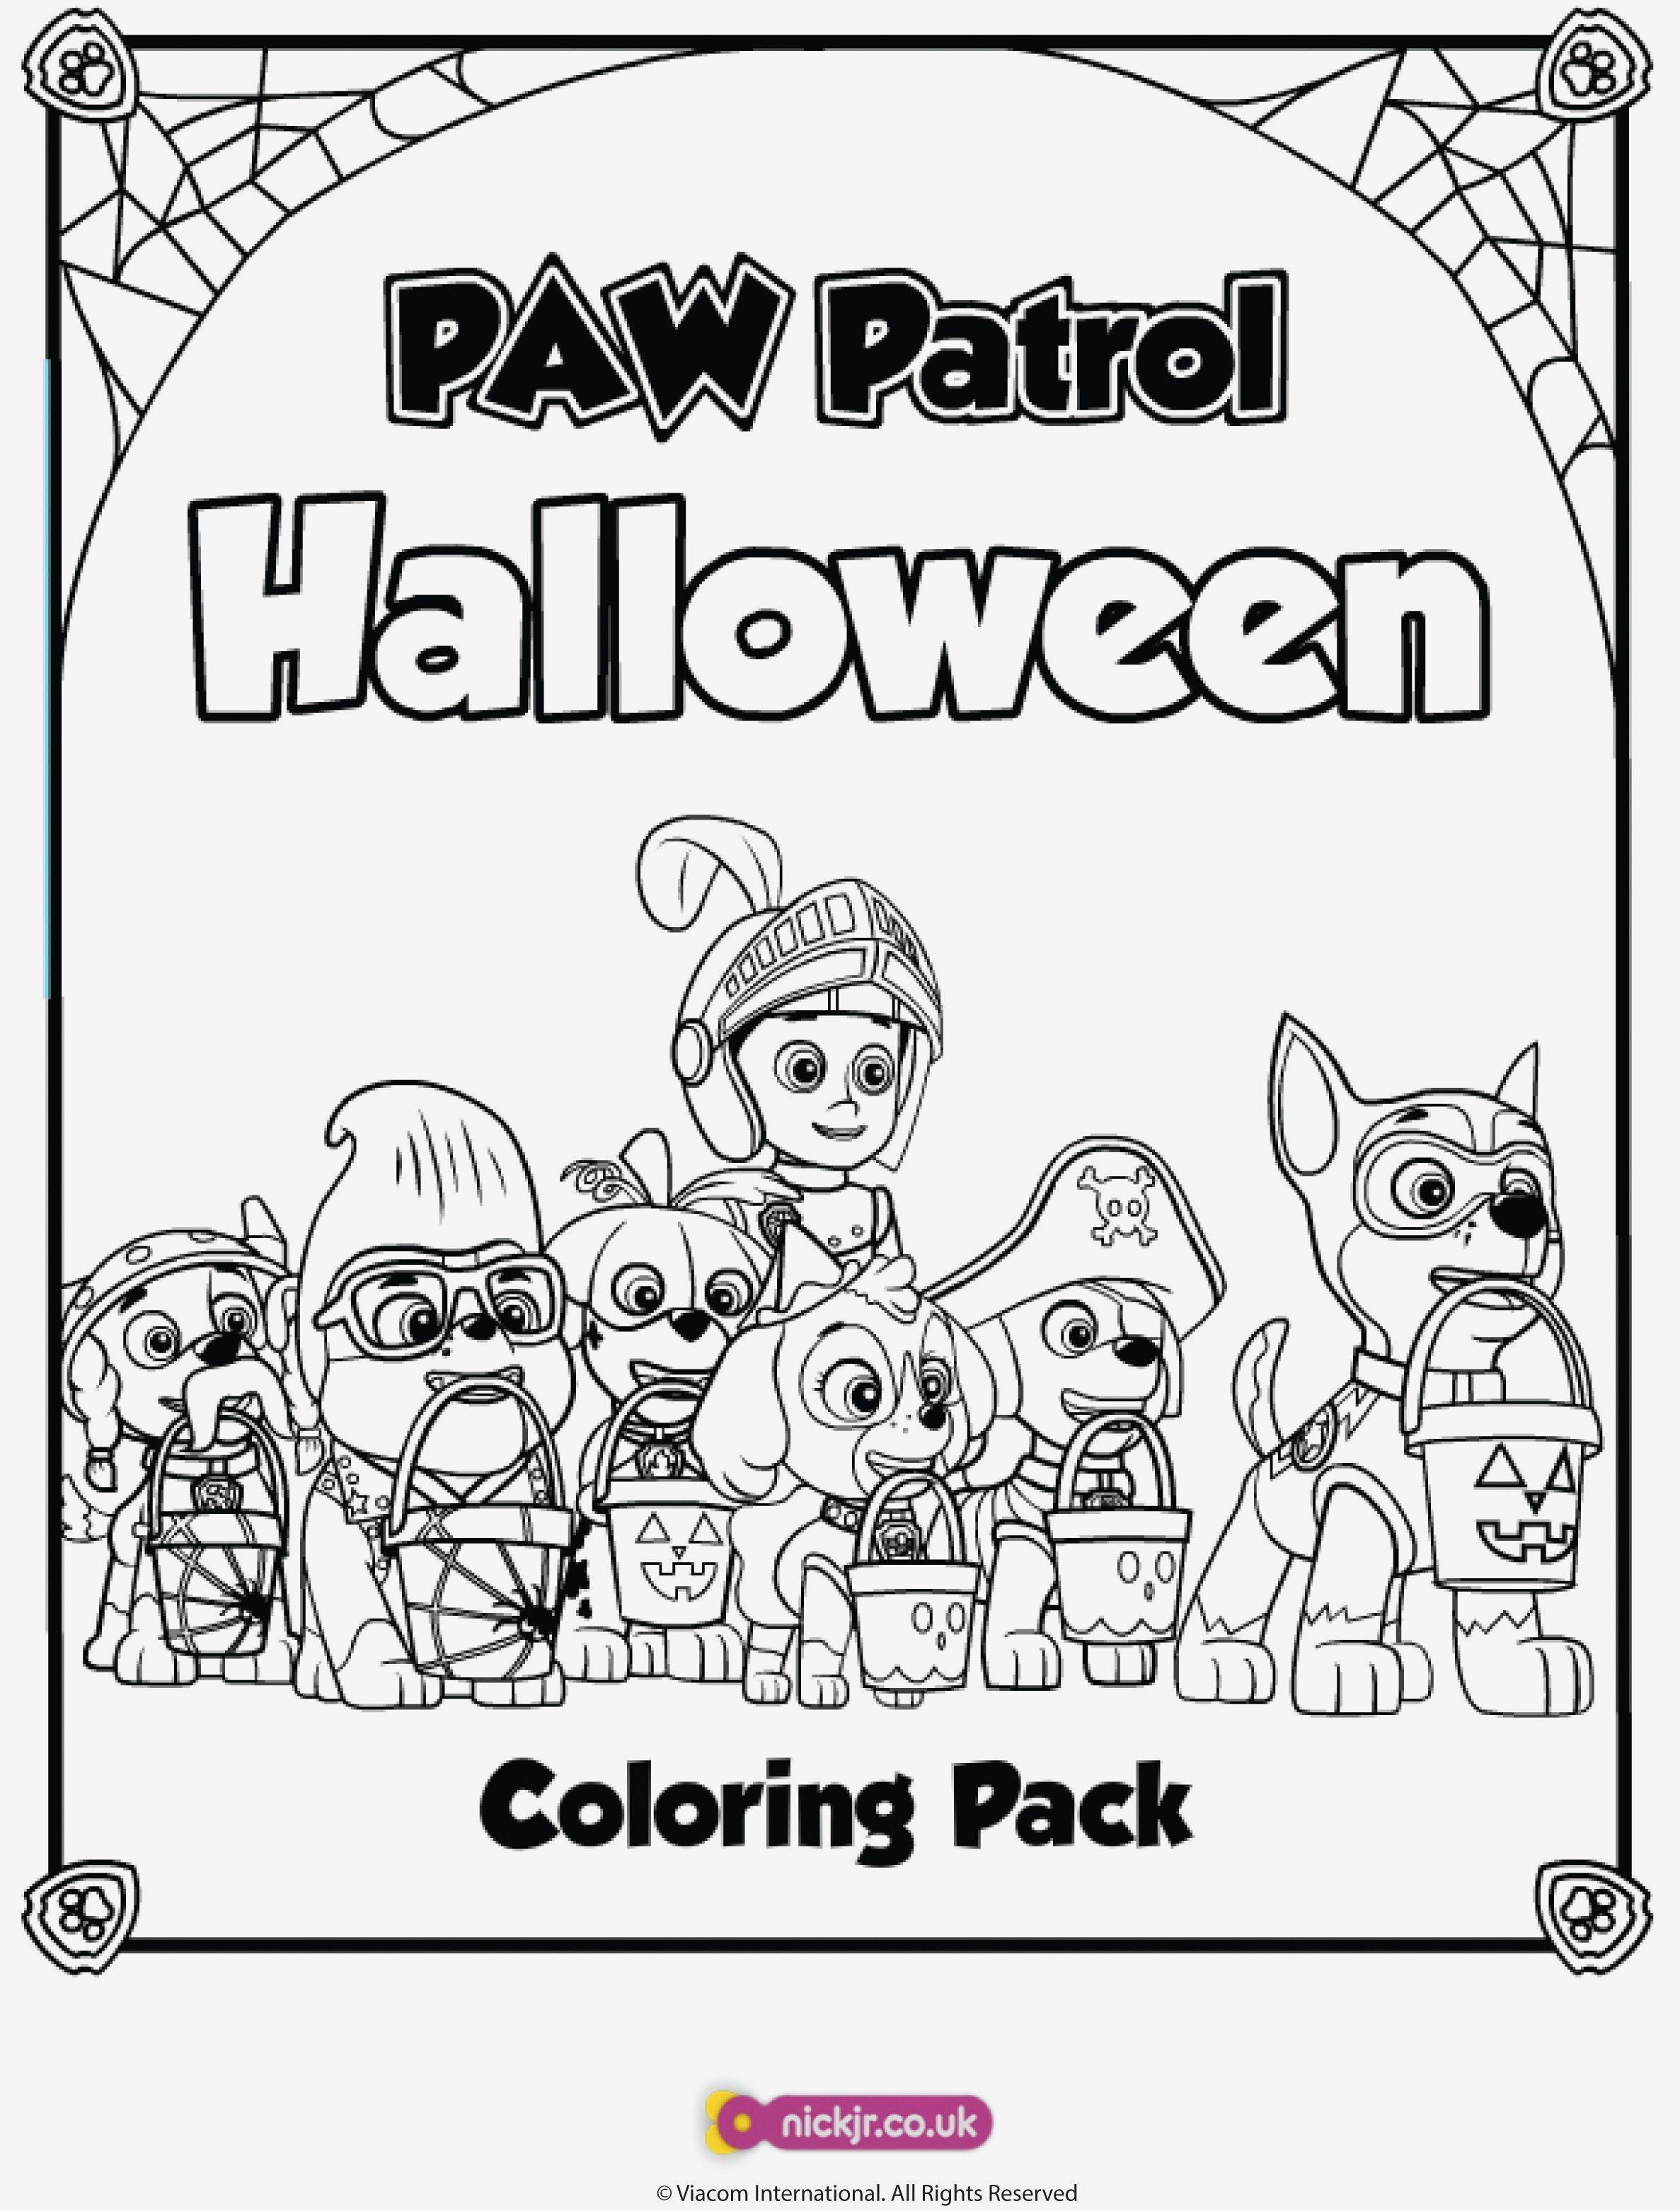 Malvorlage Paw Patrol Inspirierend Eine Sammlung Von Färbung Bilder Gratis Malvorlagen Paw Patrol Galerie